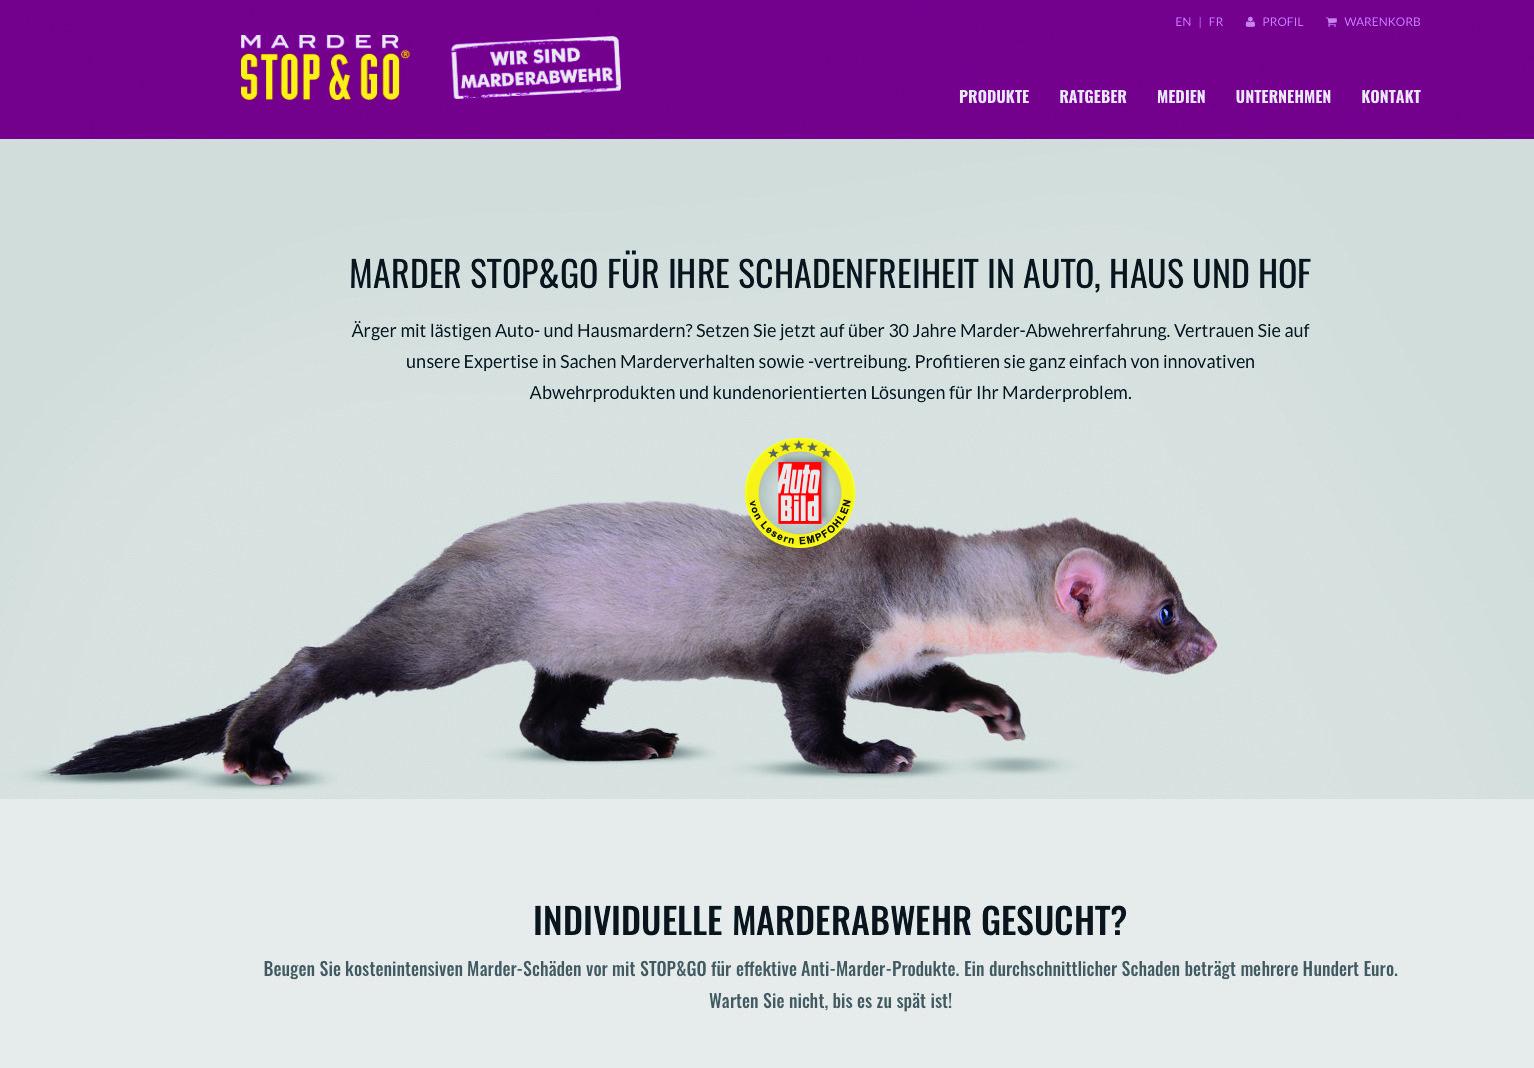 marder stop & go mit neuer internetpräsenz - krafthand